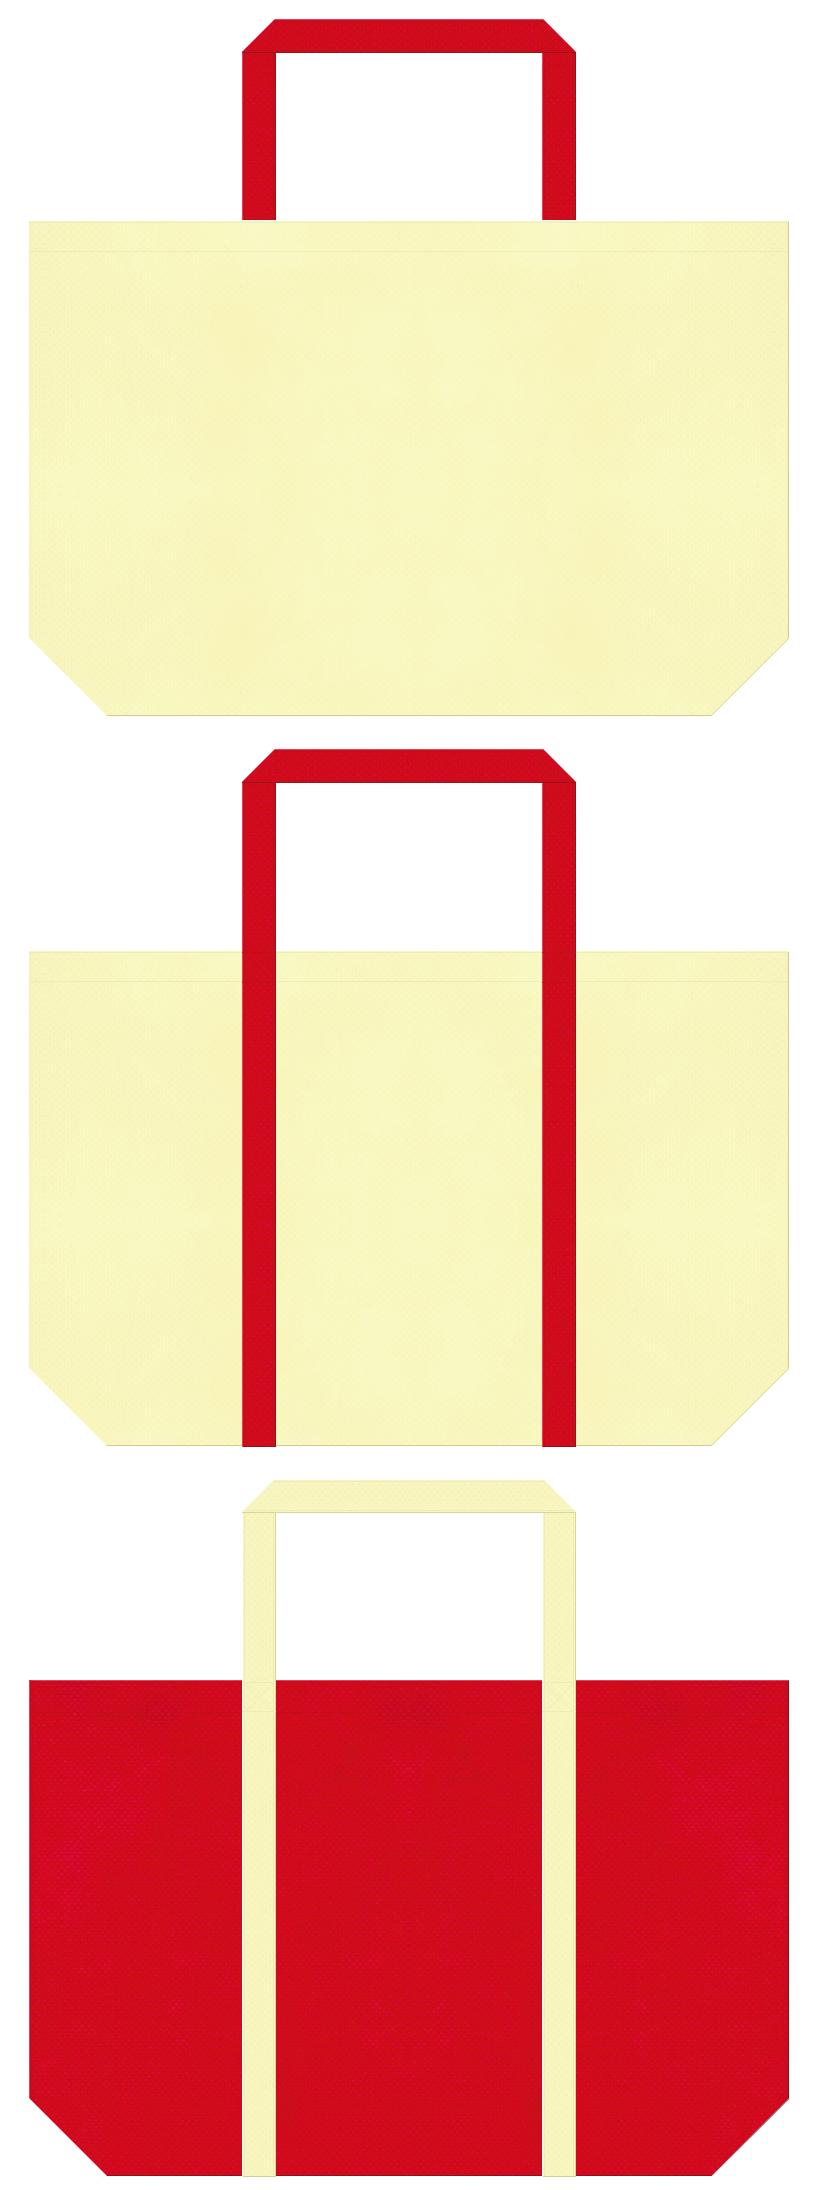 パスタ・ミートソース・トマトケチャップ・マヨネーズ・タバスコ・チーズ・ピザ・七五三・節分・ひな祭り・和風催事・キッズイベントにお奨めの不織布バッグデザイン:薄黄色と紅色のコーデ